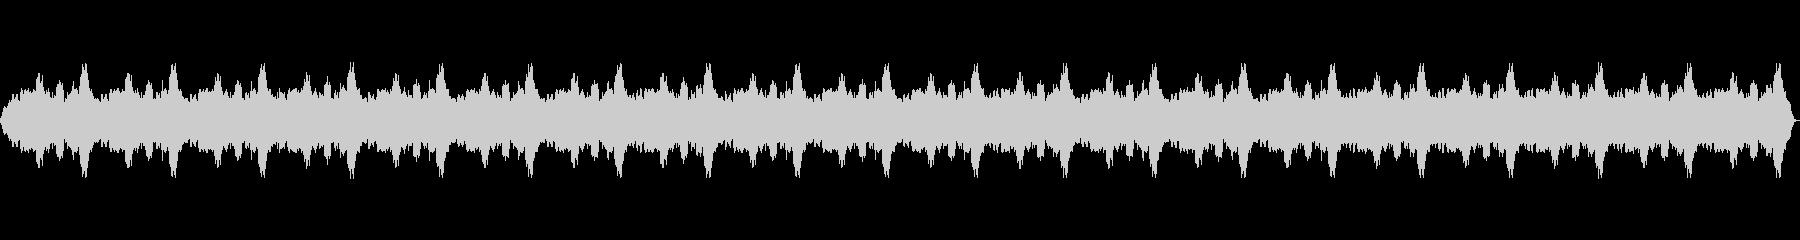 リラクゼーション音楽。瞑想・スパ・映像用の未再生の波形